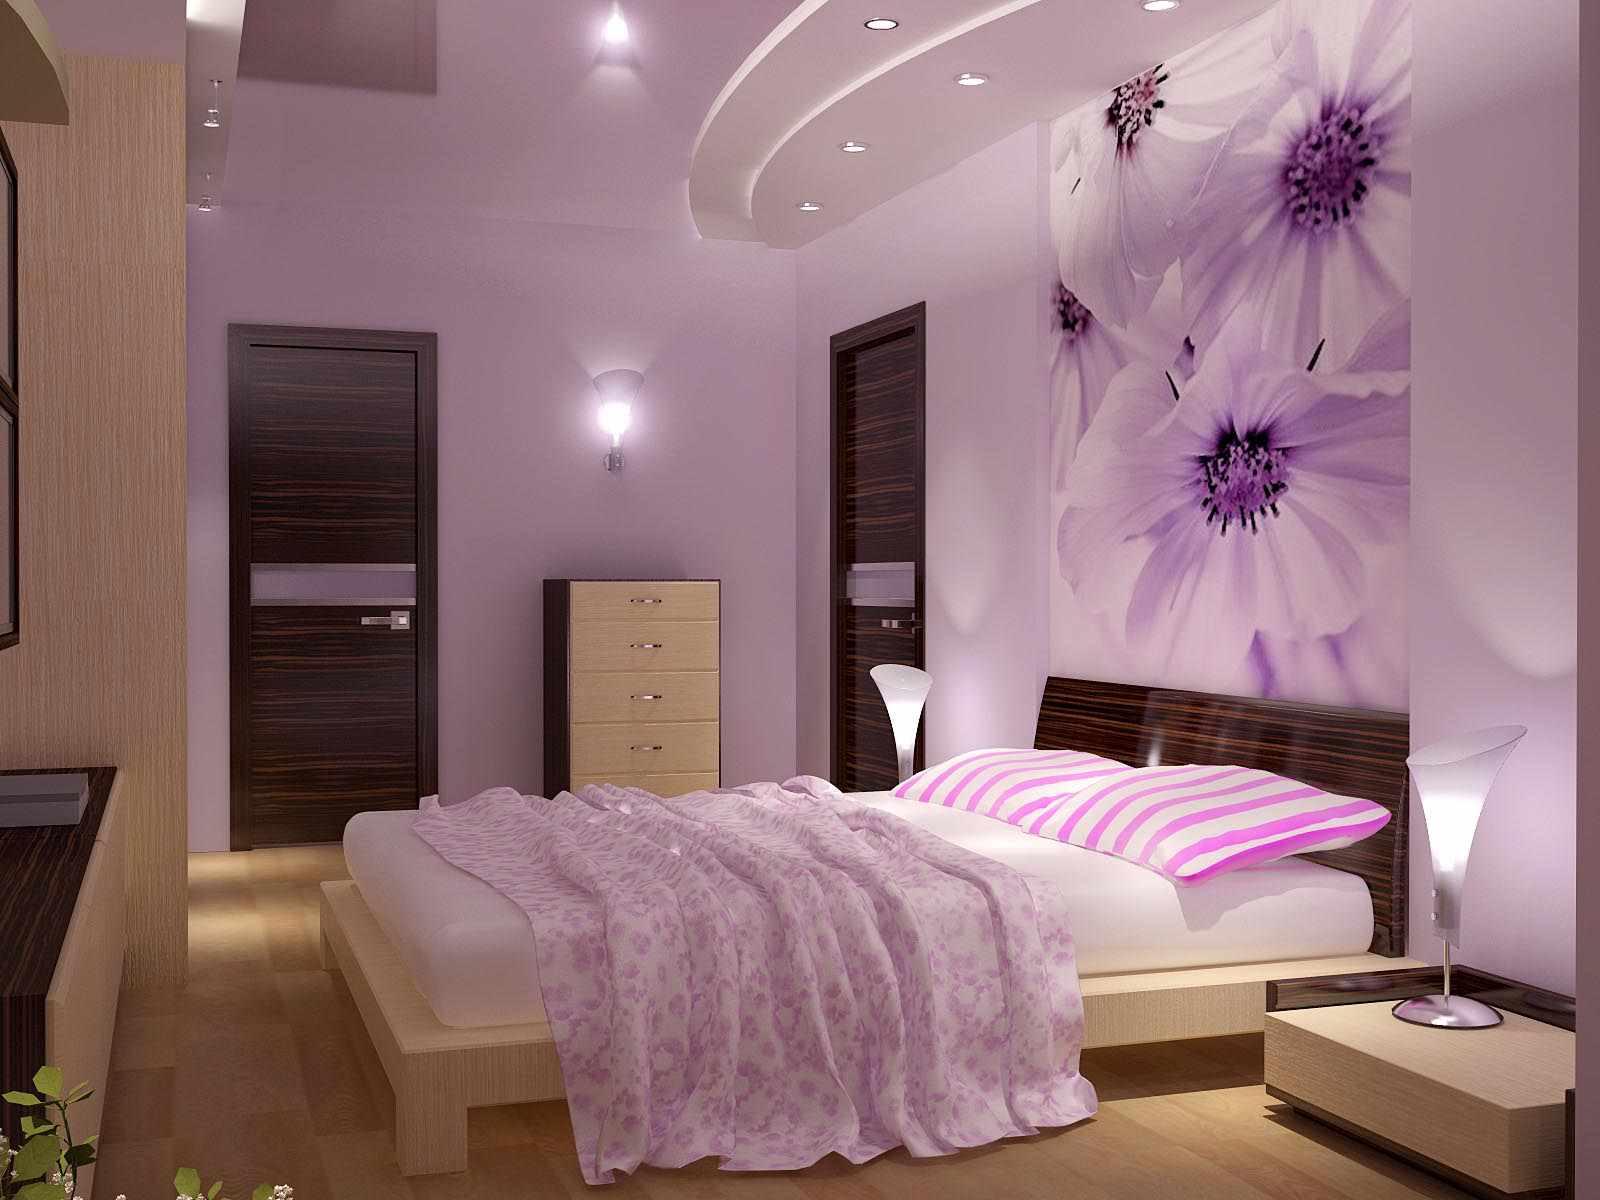 option d'un décor lumineux d'une chambre